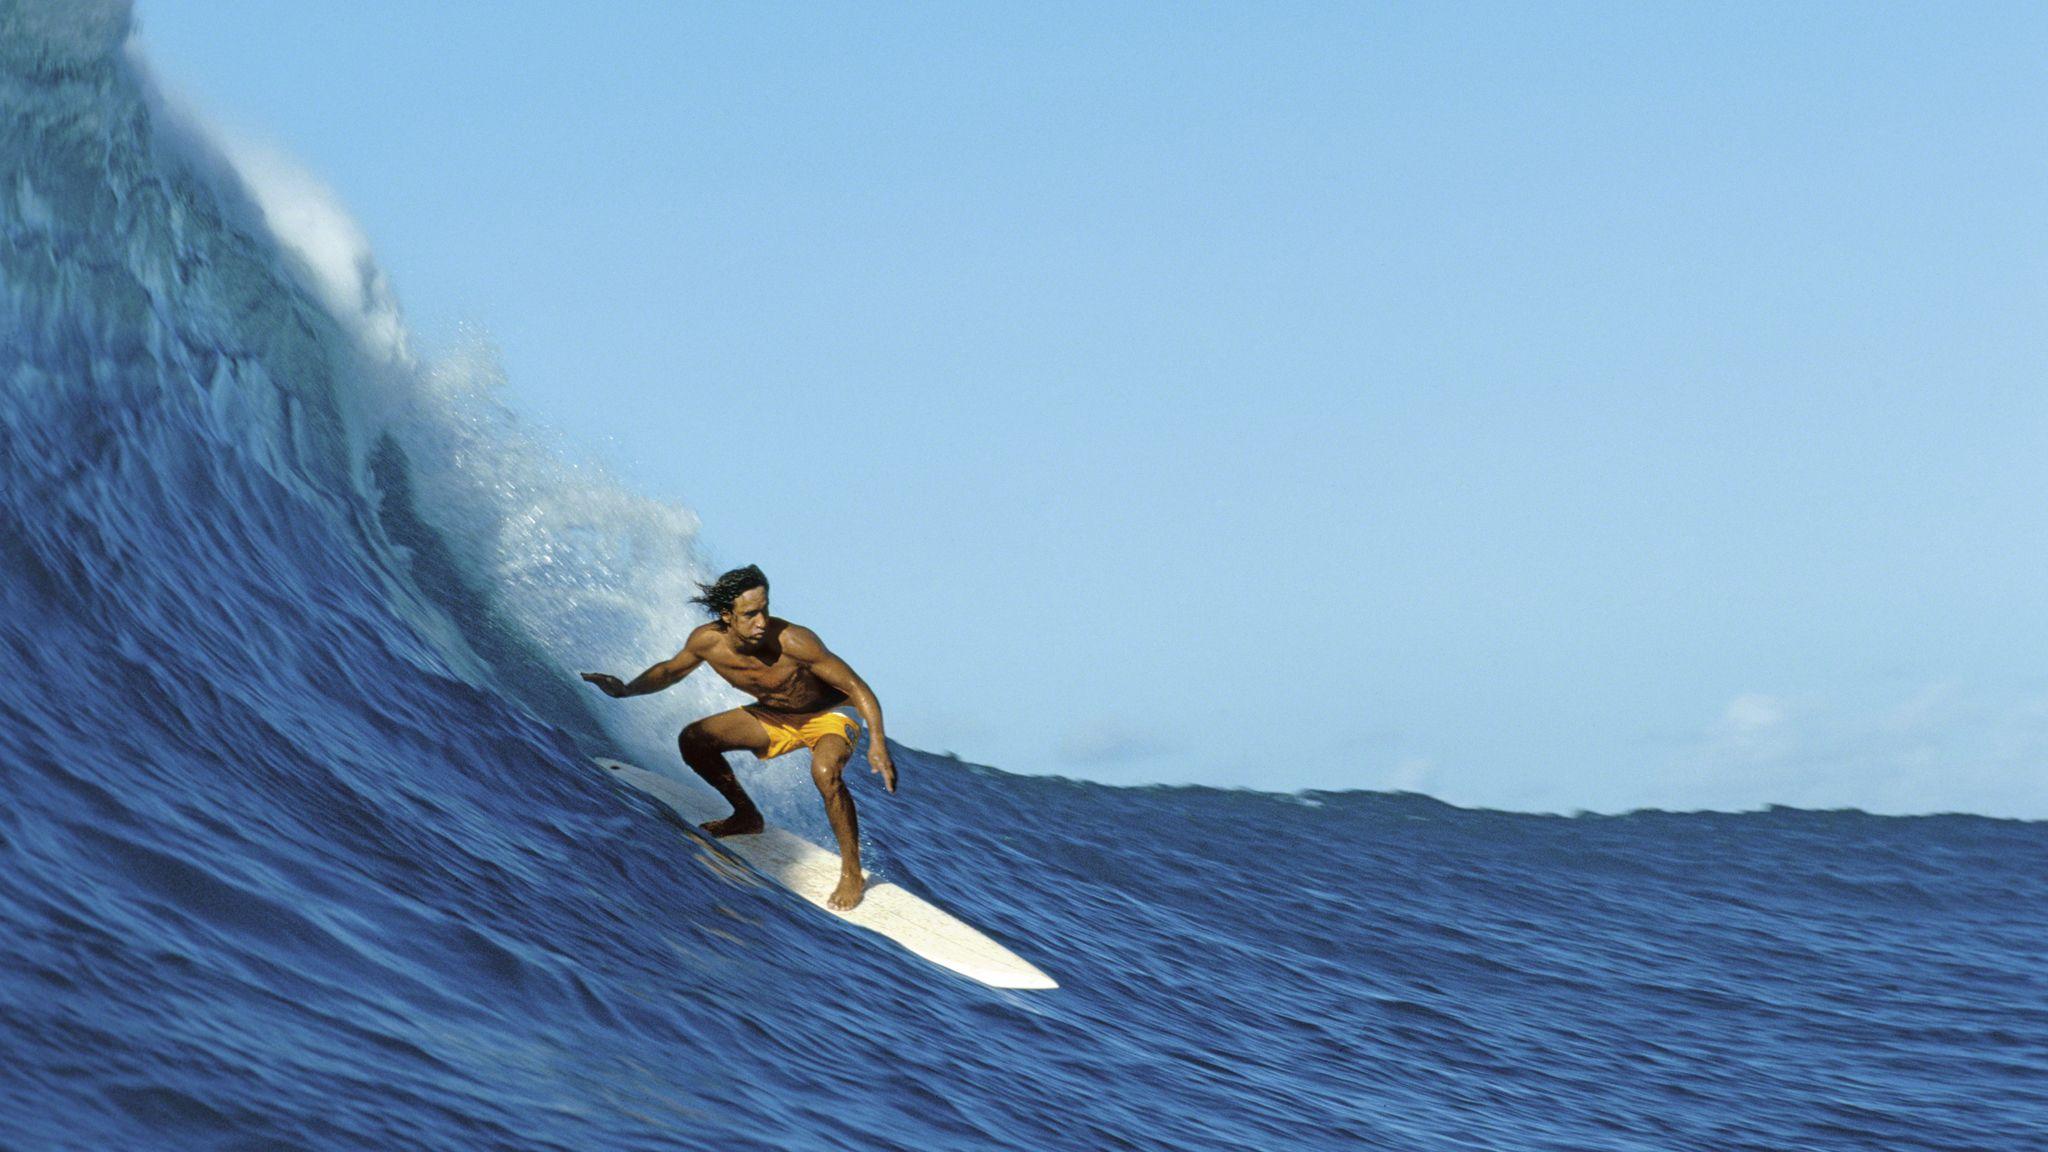 30 Years Of The Big Wave Invitational In Memory Of Eddie Aikau